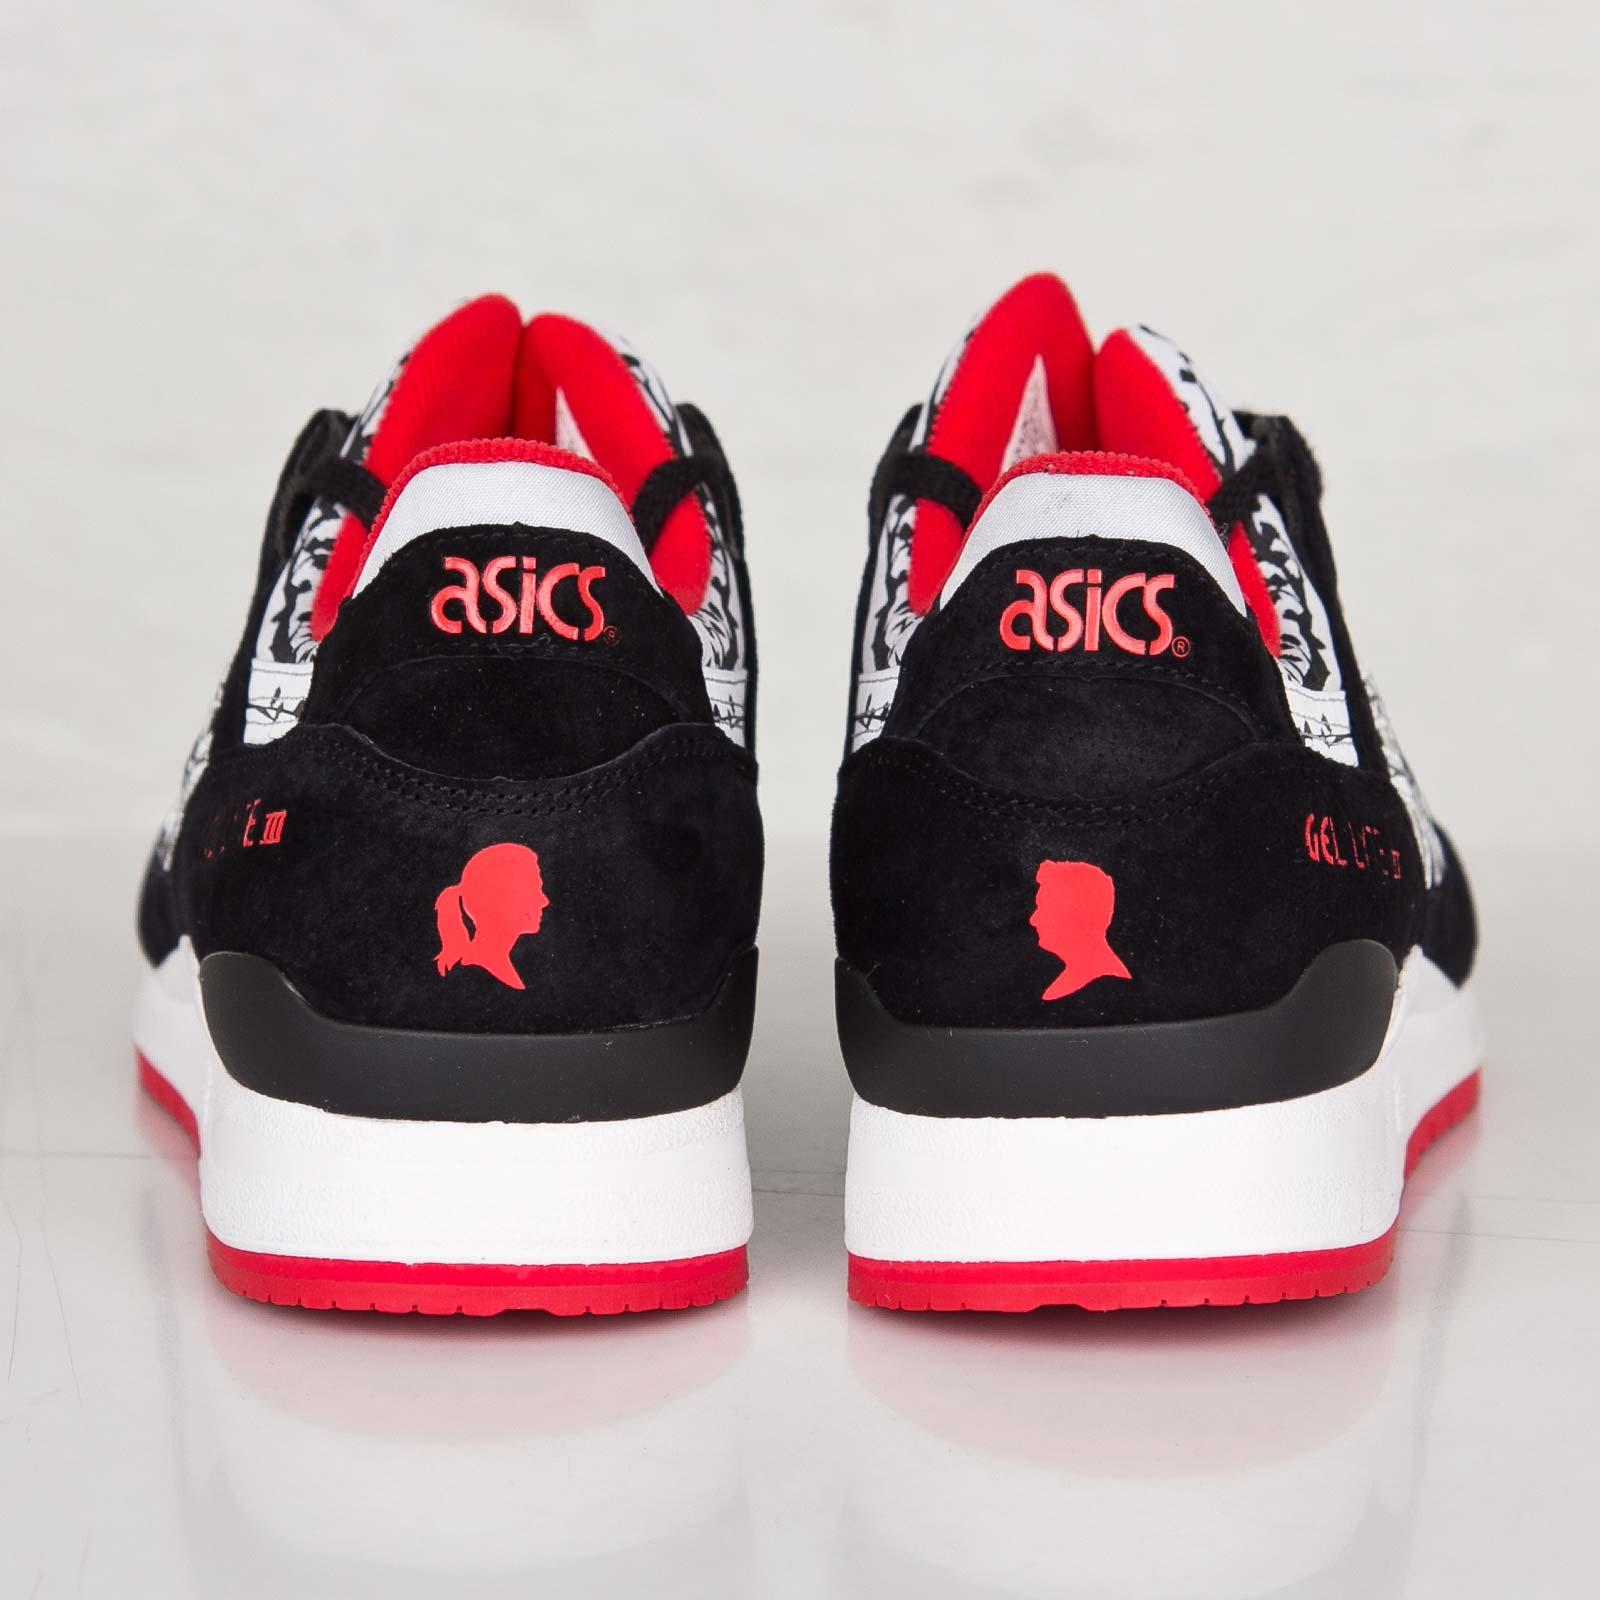 magasin d'usine bed25 efc06 ASICS Tiger Gel-Lyte III - H50vk-9001 - Sneakersnstuff ...